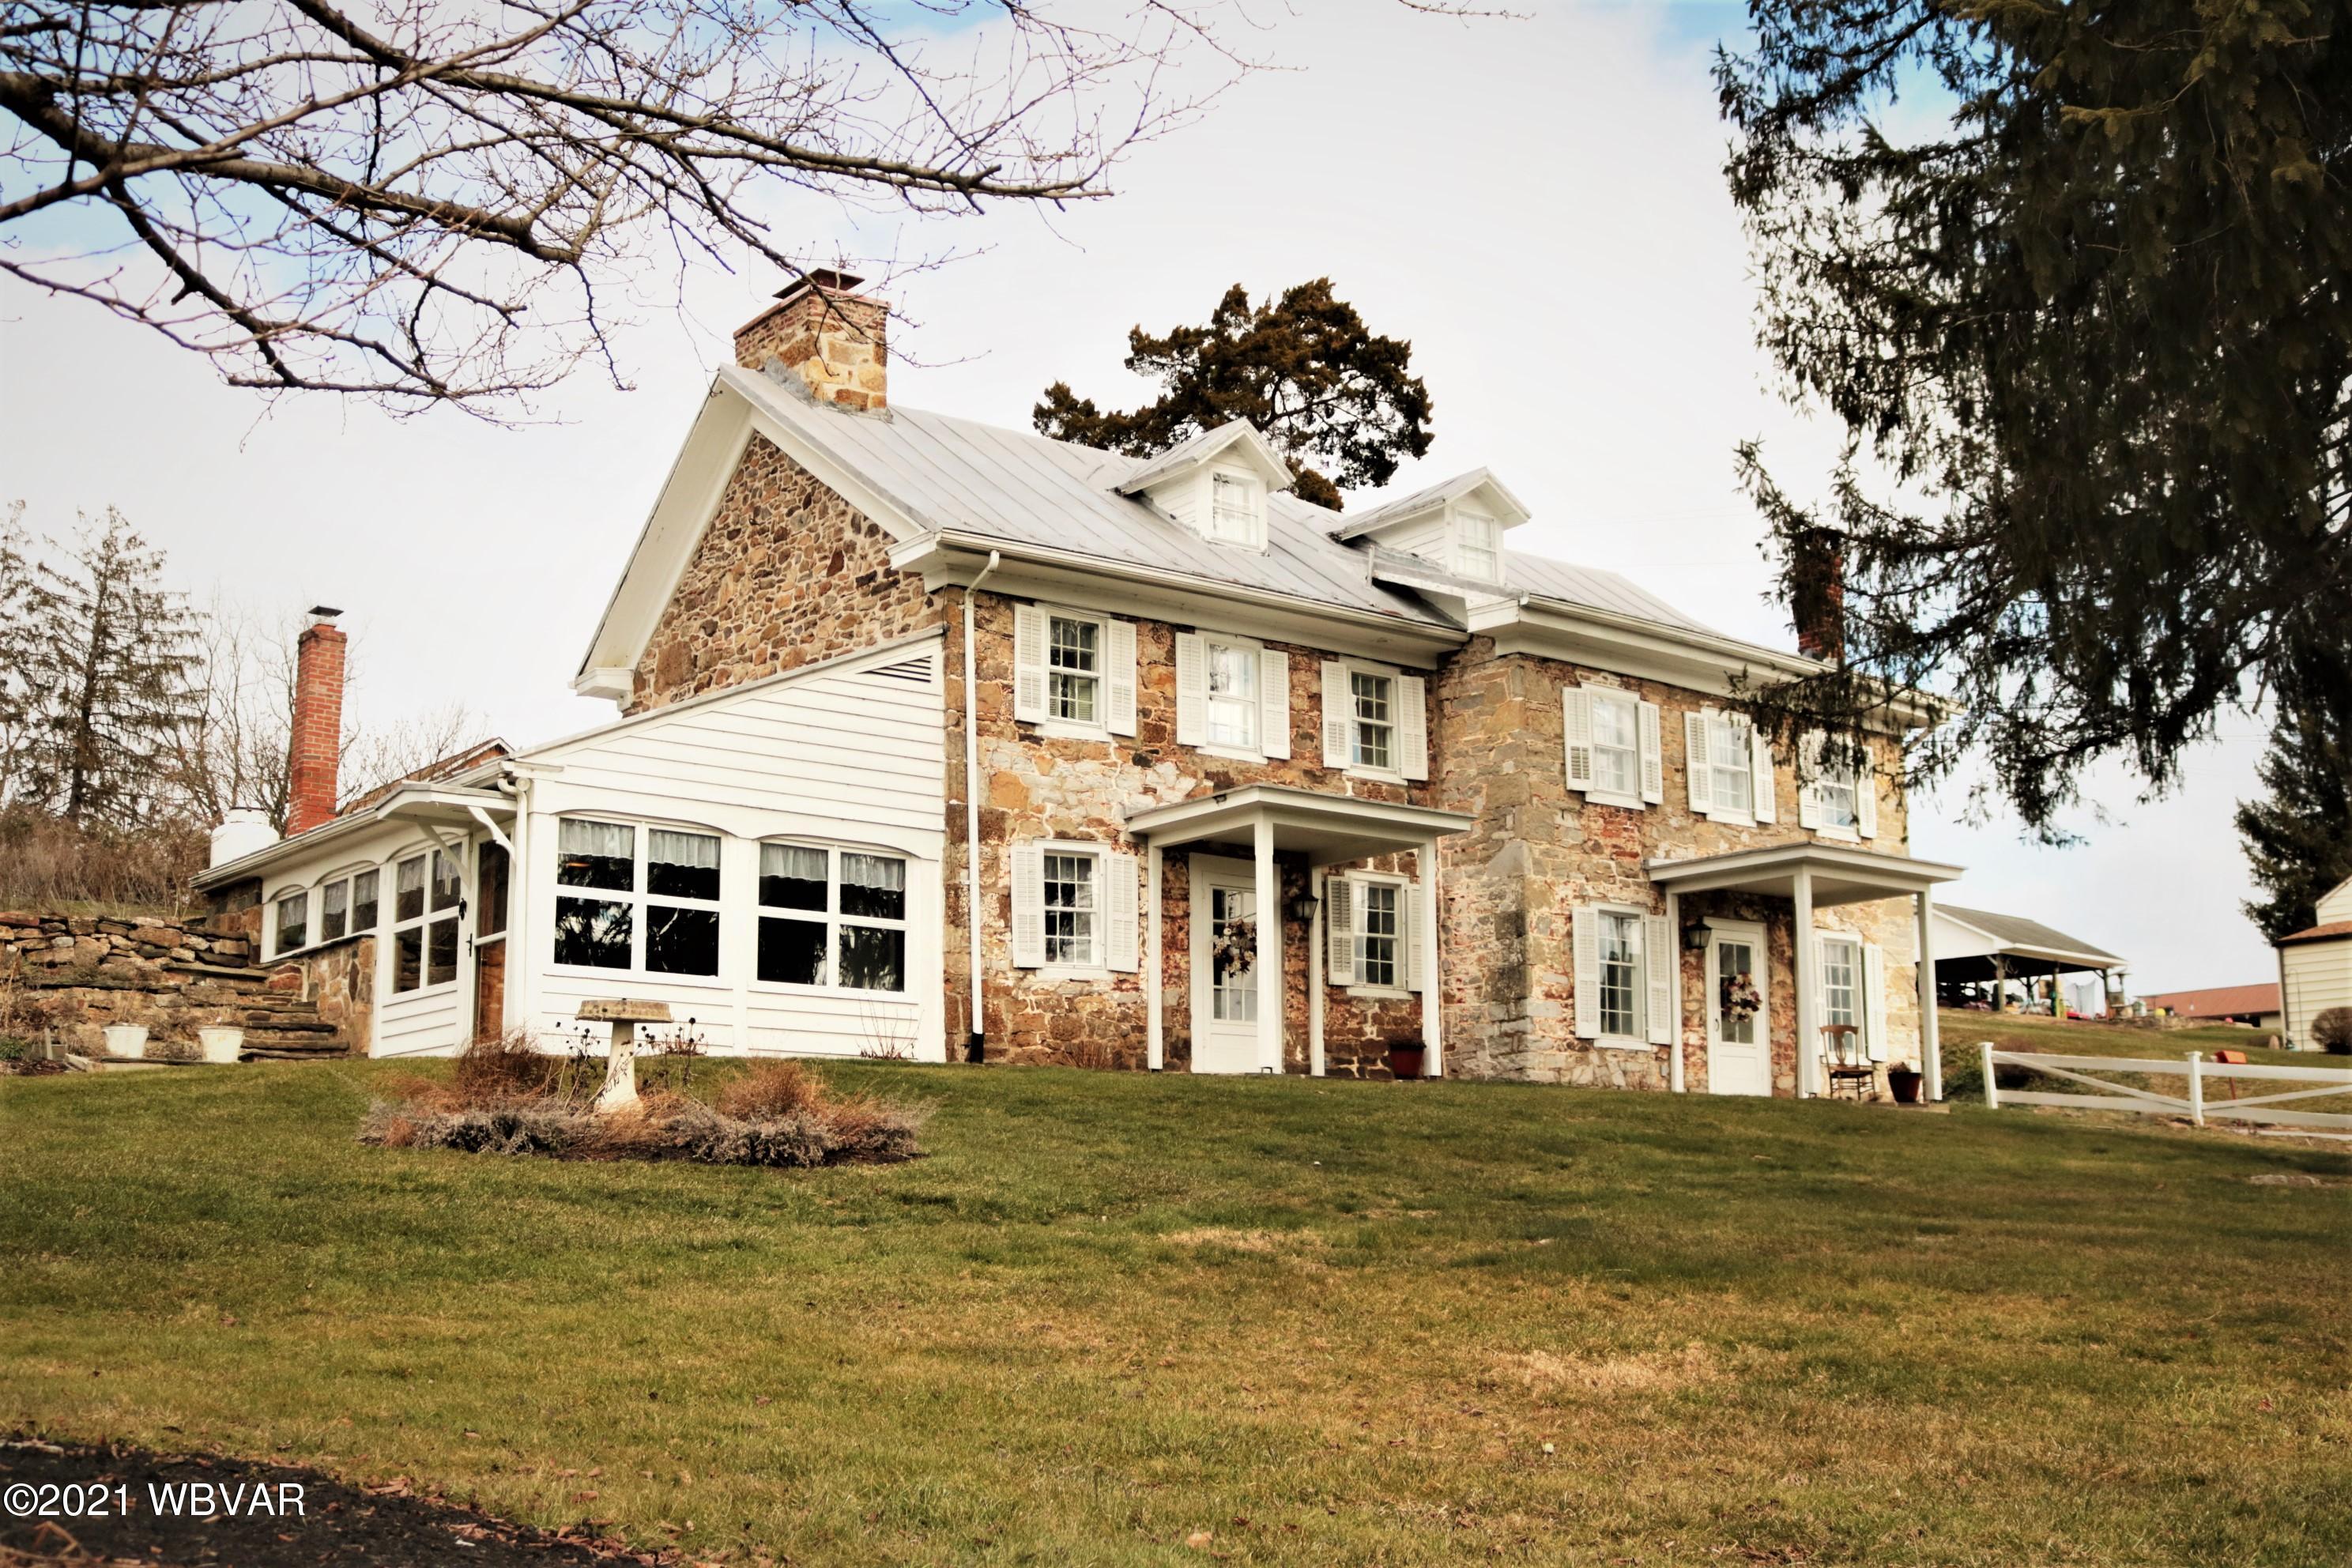 689 VILLAGE ROAD, Muncy, PA 17756, 4 Bedrooms Bedrooms, ,2 BathroomsBathrooms,Residential,For sale,VILLAGE,WB-91795